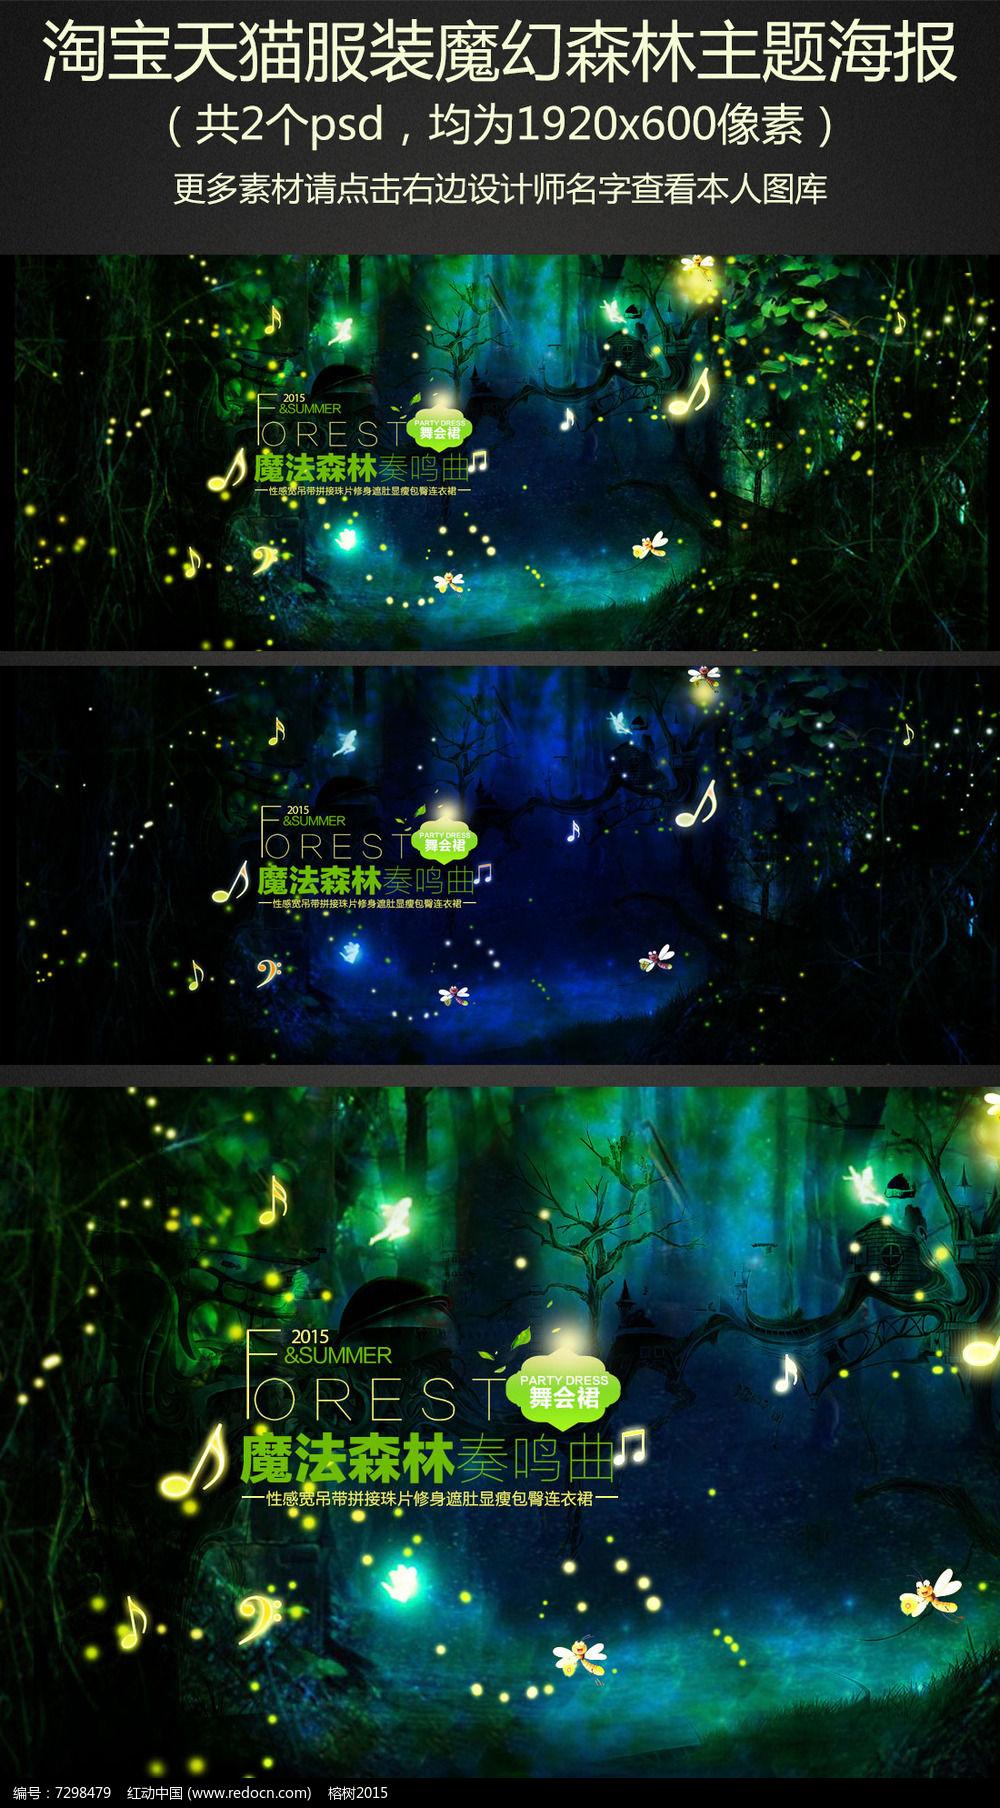 淘宝天猫服装魔幻森林主题海报